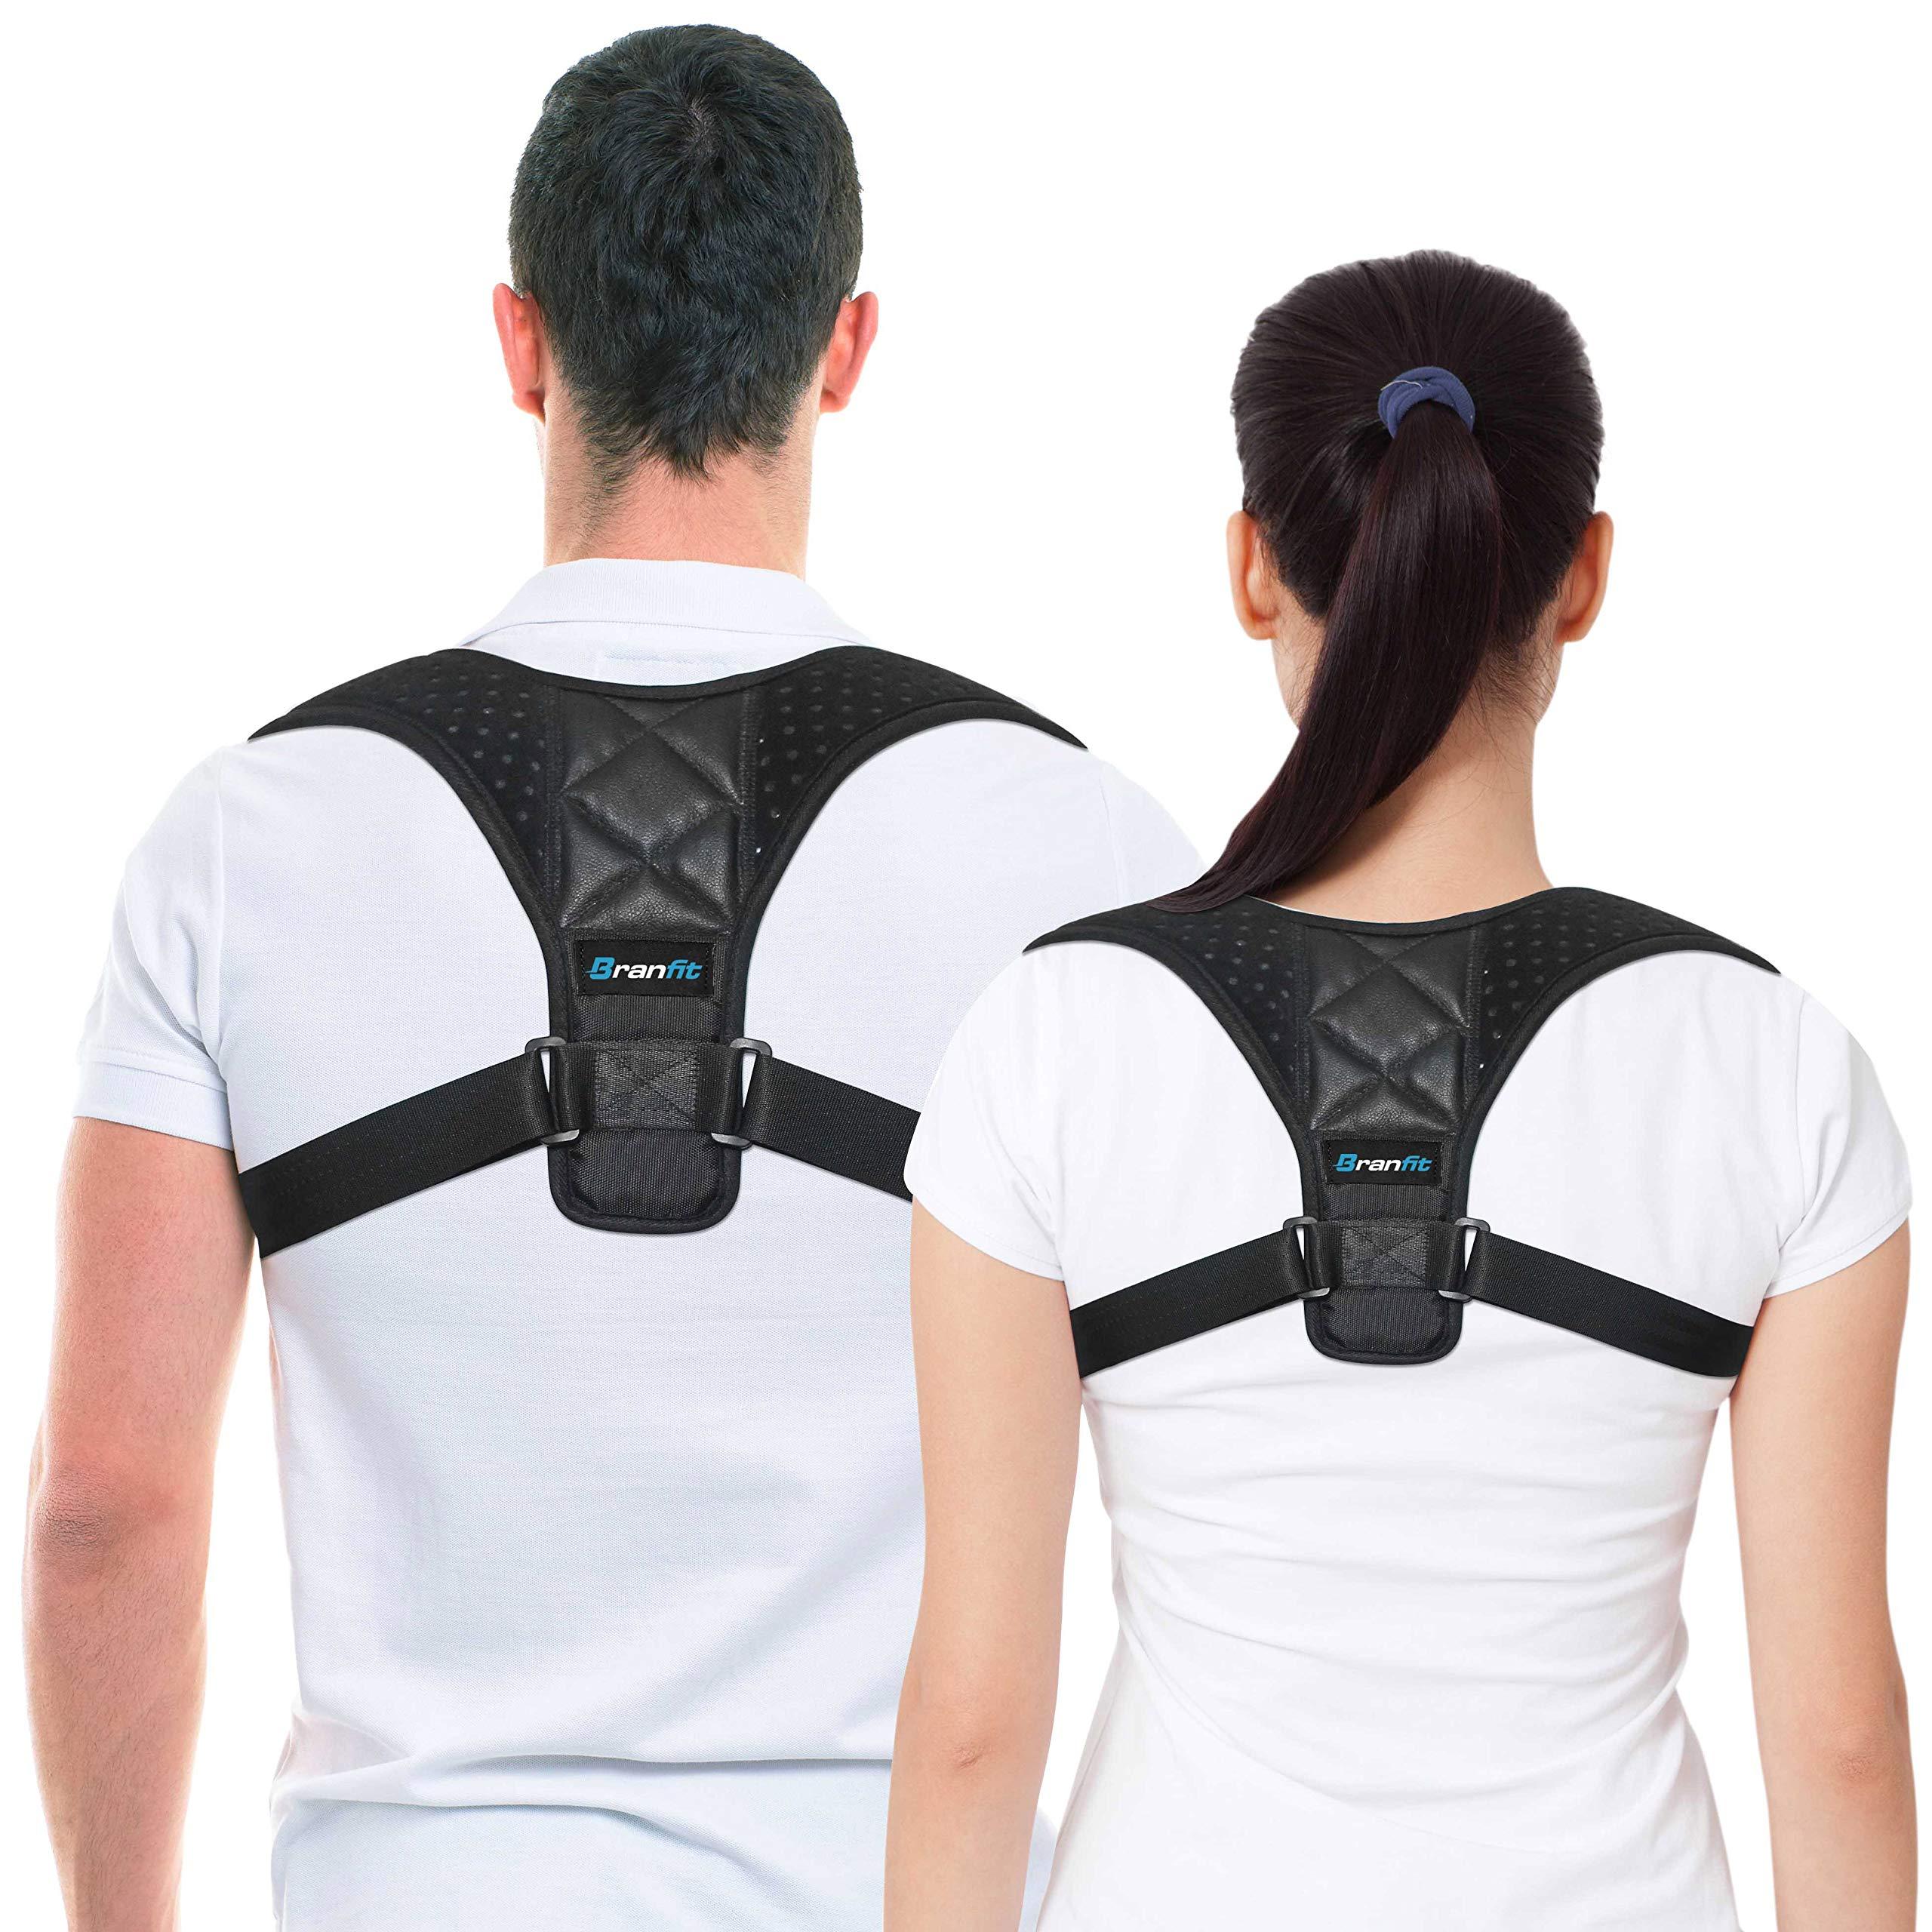 Branfit Posture Corrector & Back Support Brace